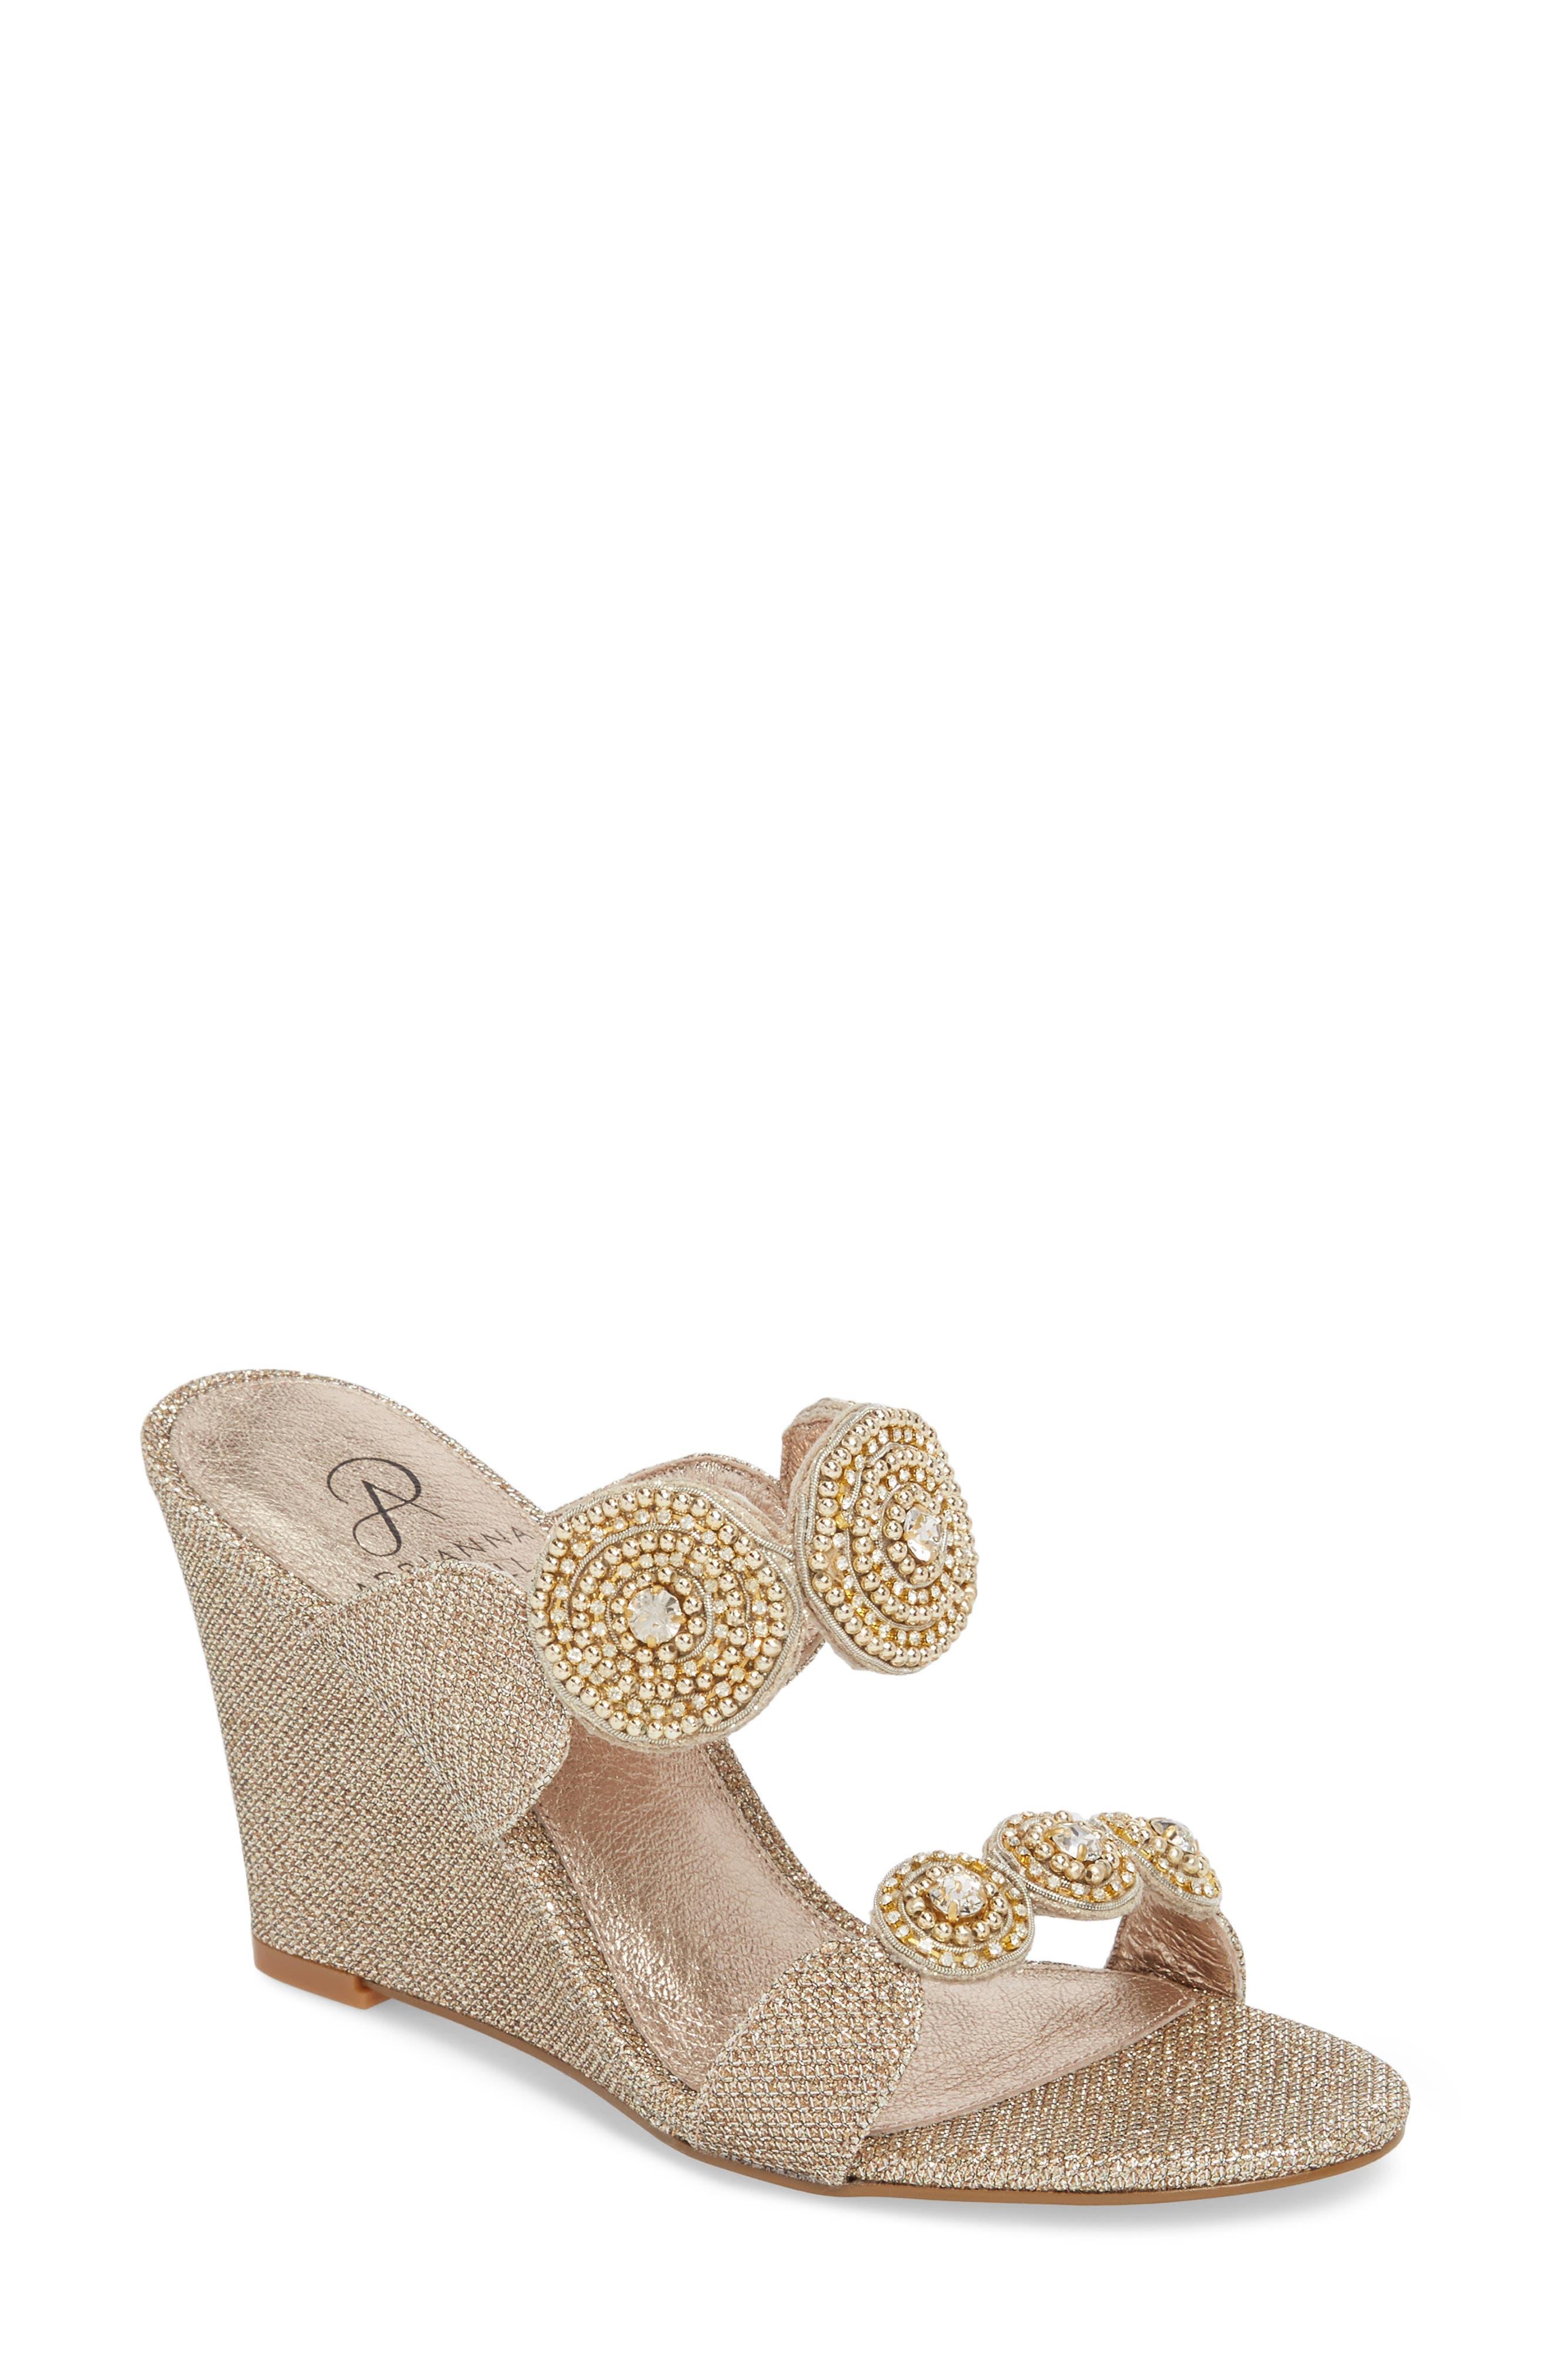 Argo Wedge Sandal,                         Main,                         color, Platinum Fabric